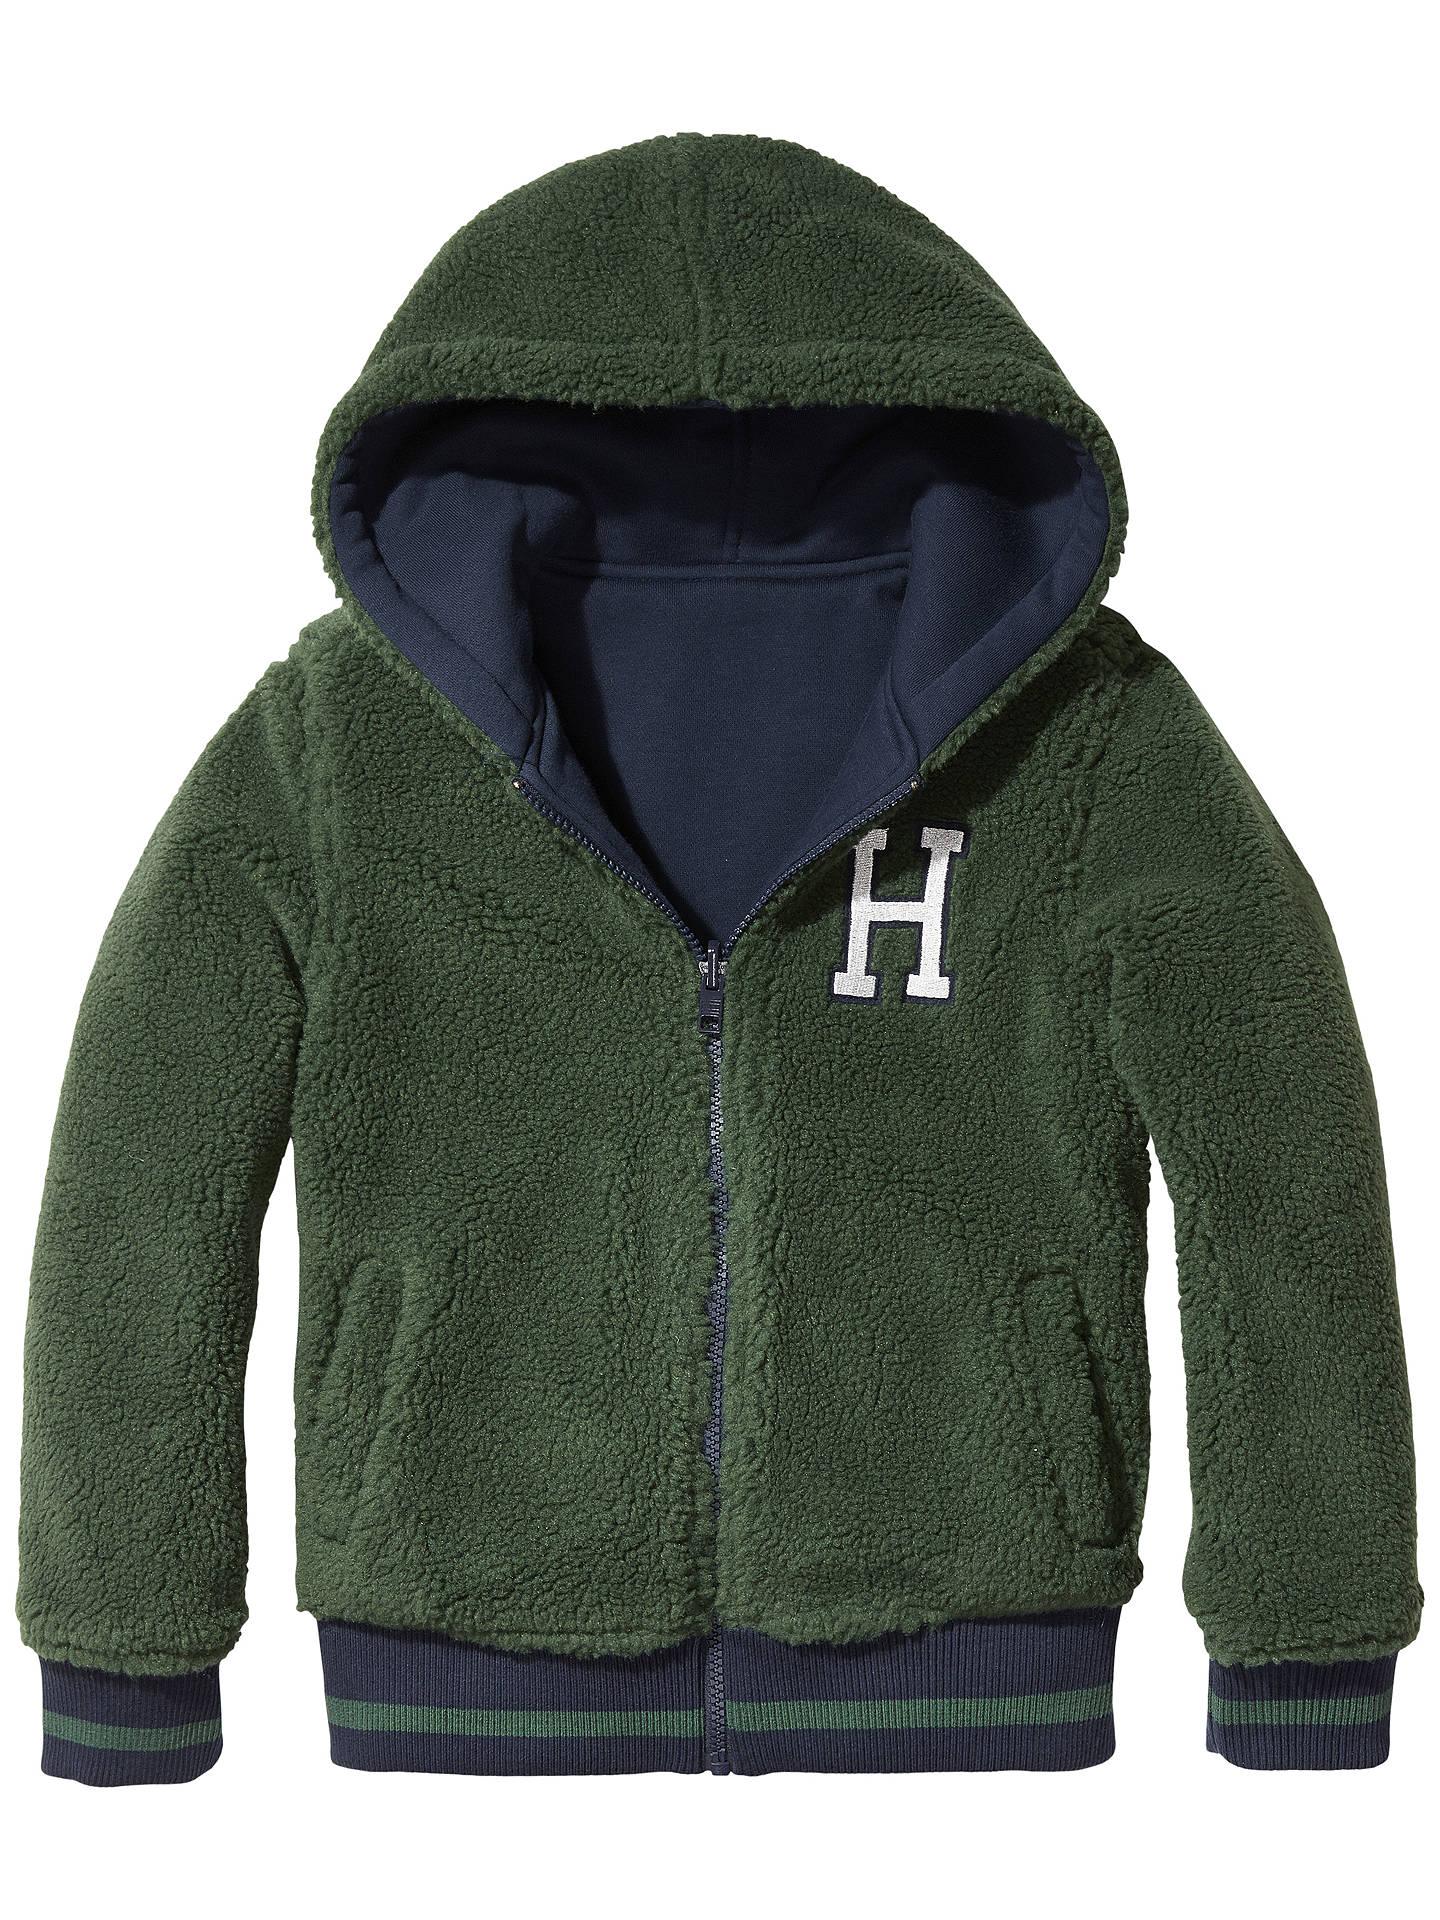 ca4c113893817c Buy Tommy Hilfiger Boys' Reversible Hoodie, Navy, 6 years Online at  johnlewis.